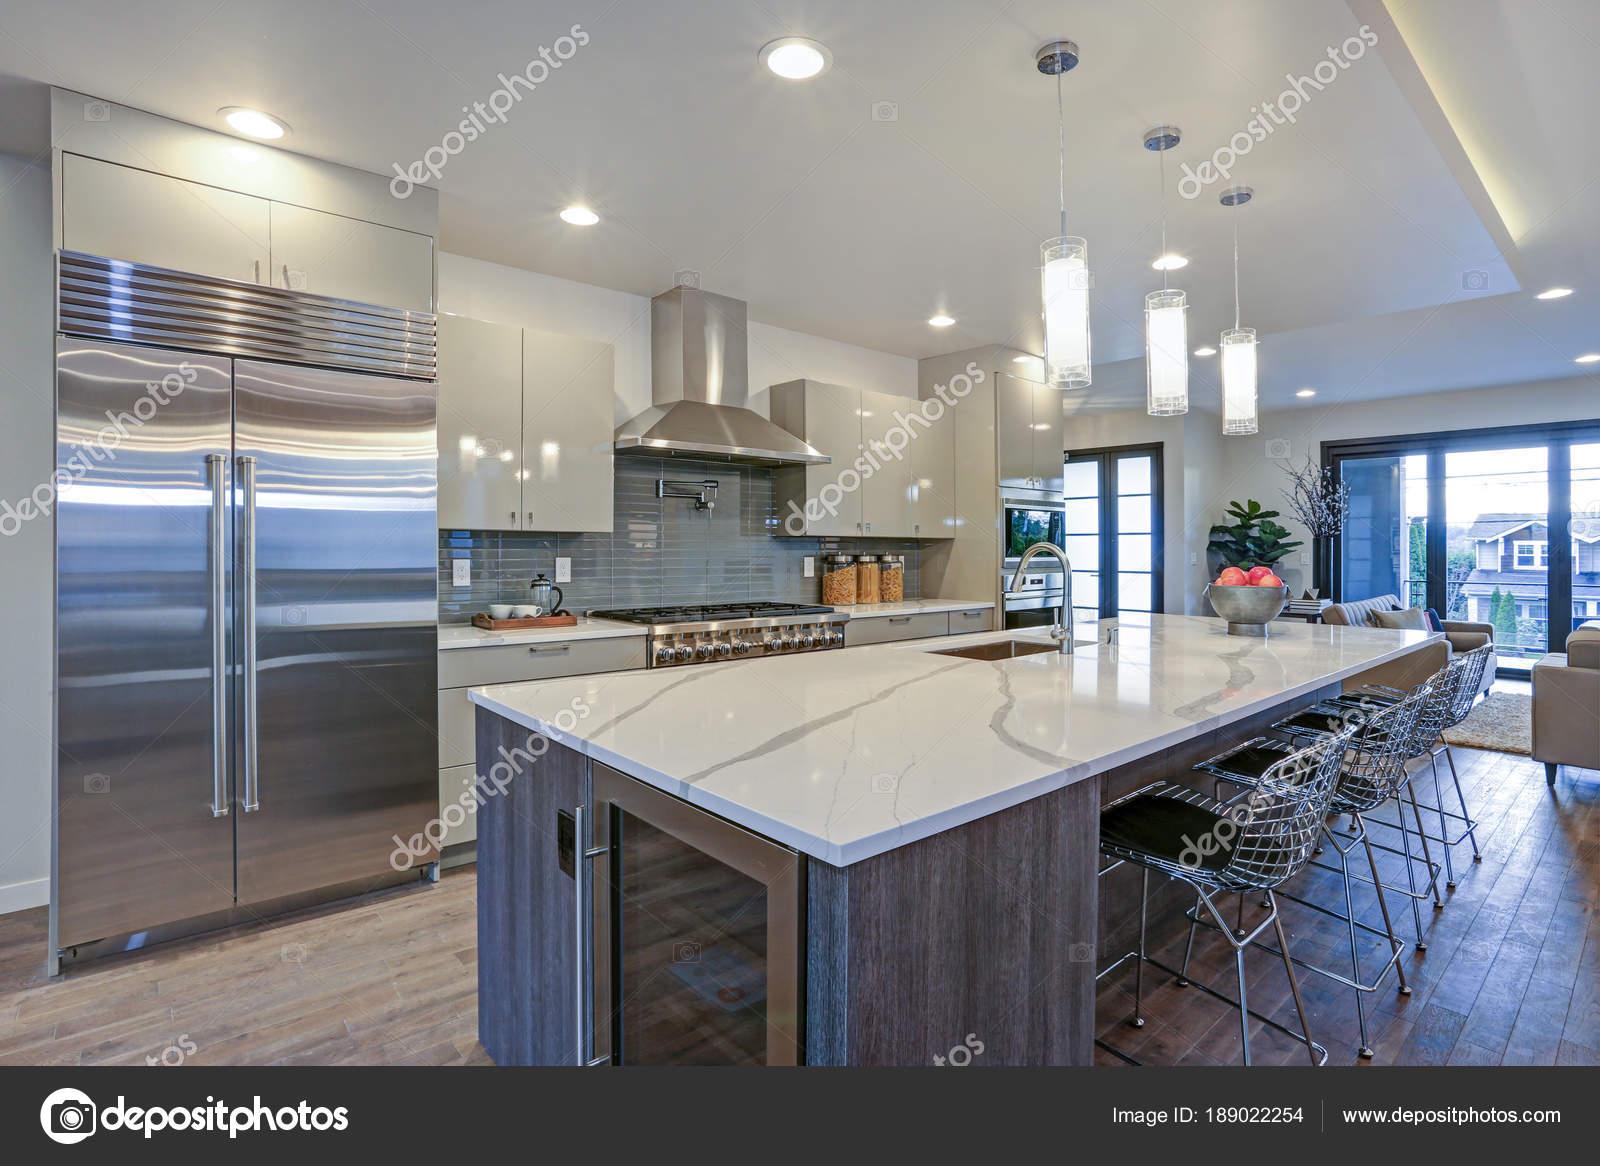 Cozinha Moderna Elegante Design Com Uma Ilha Central Cinza Stock